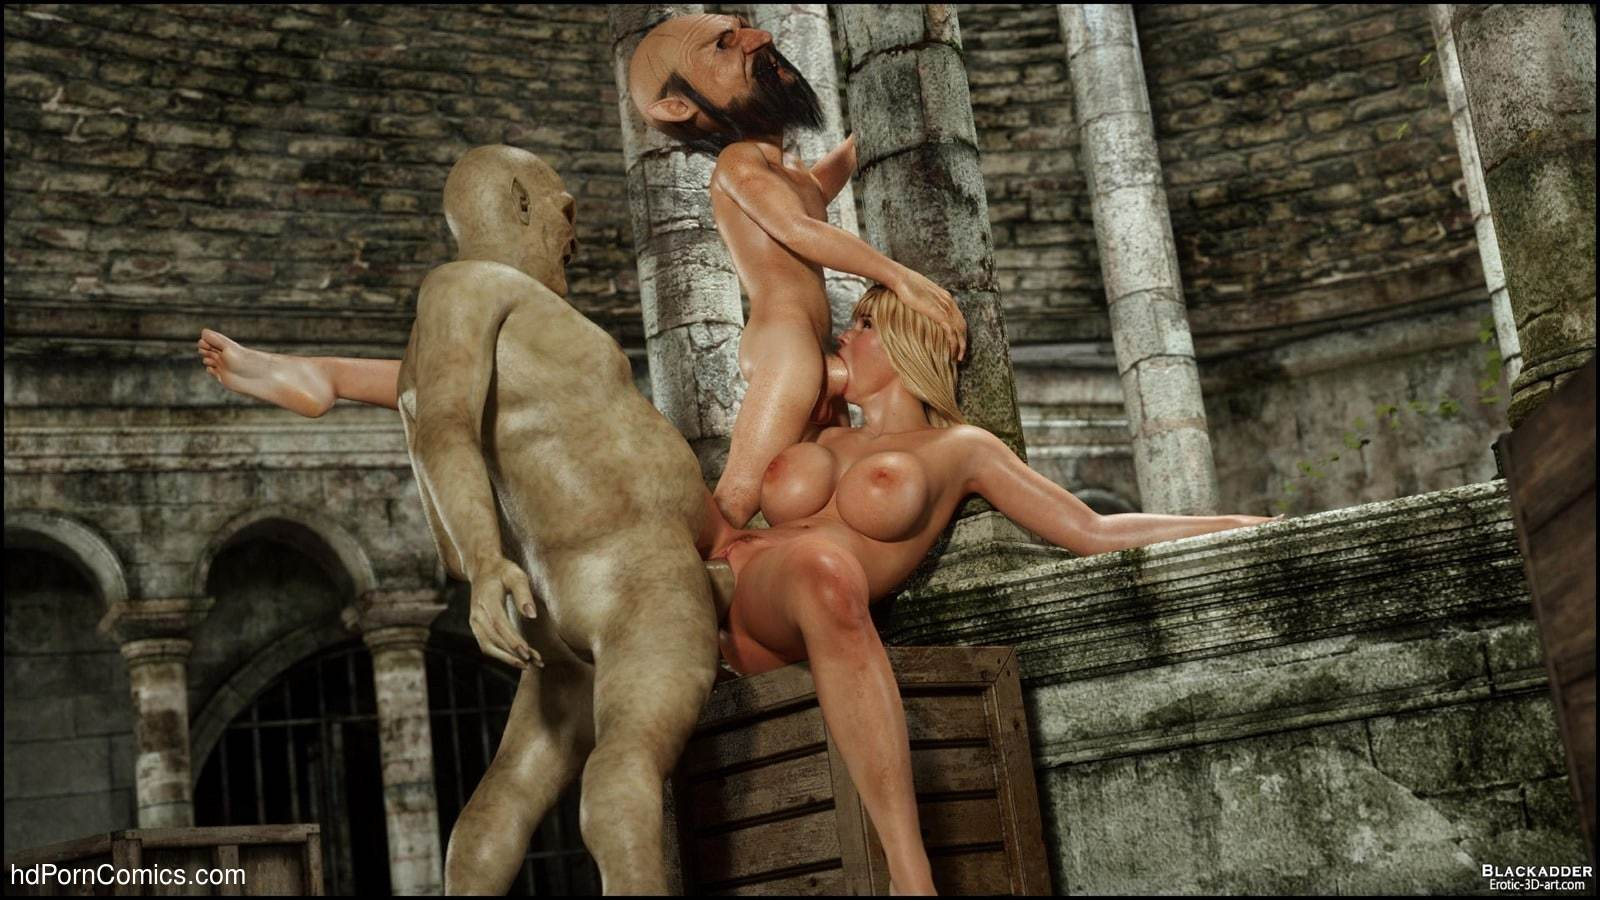 blackadder  3D  porno Below the City